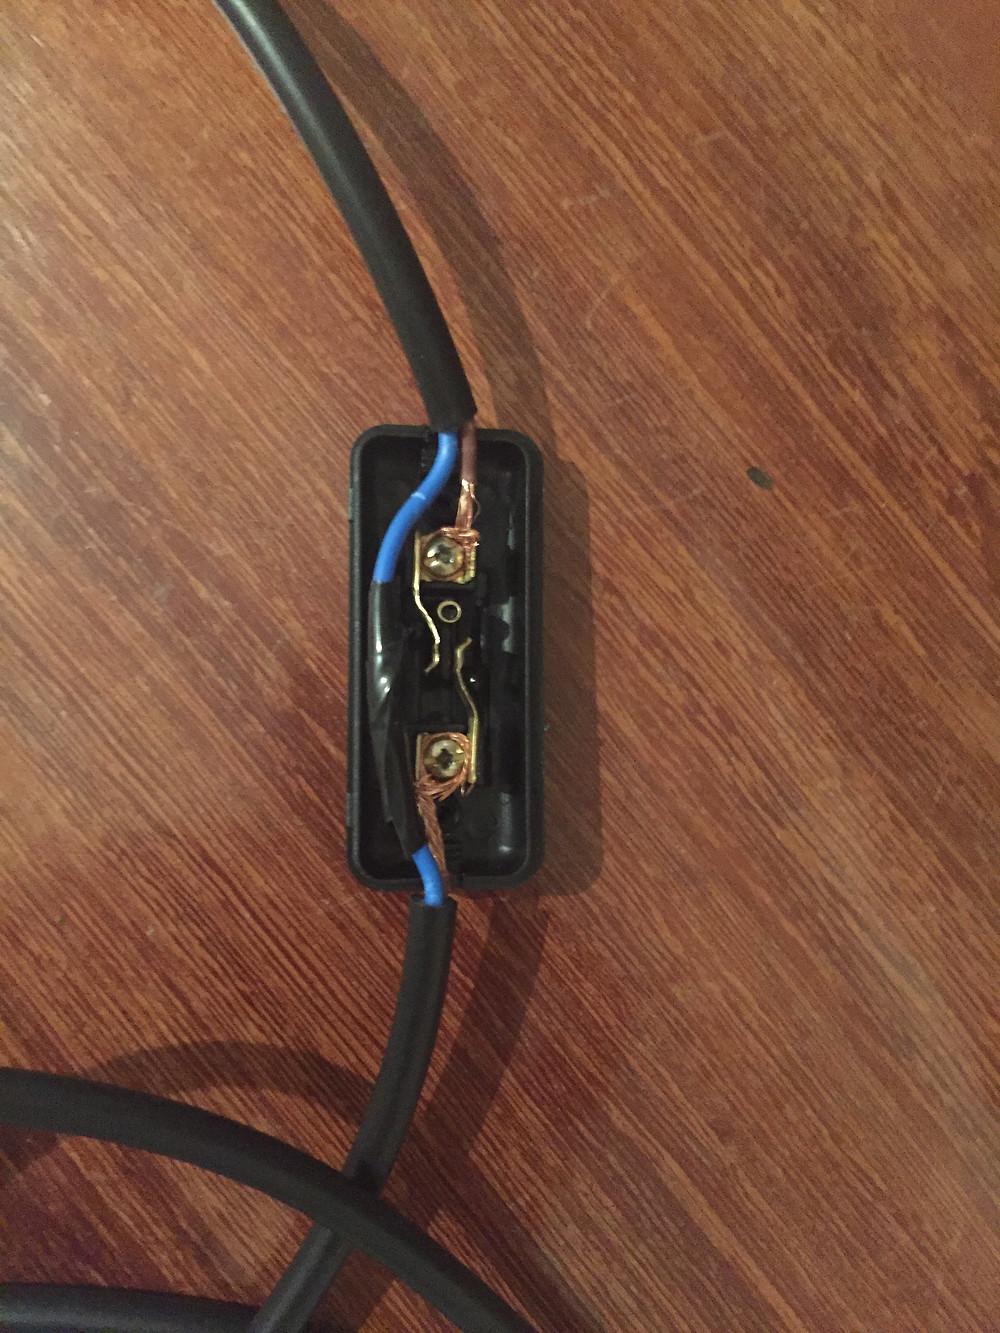 instalação elétrica do interruptor